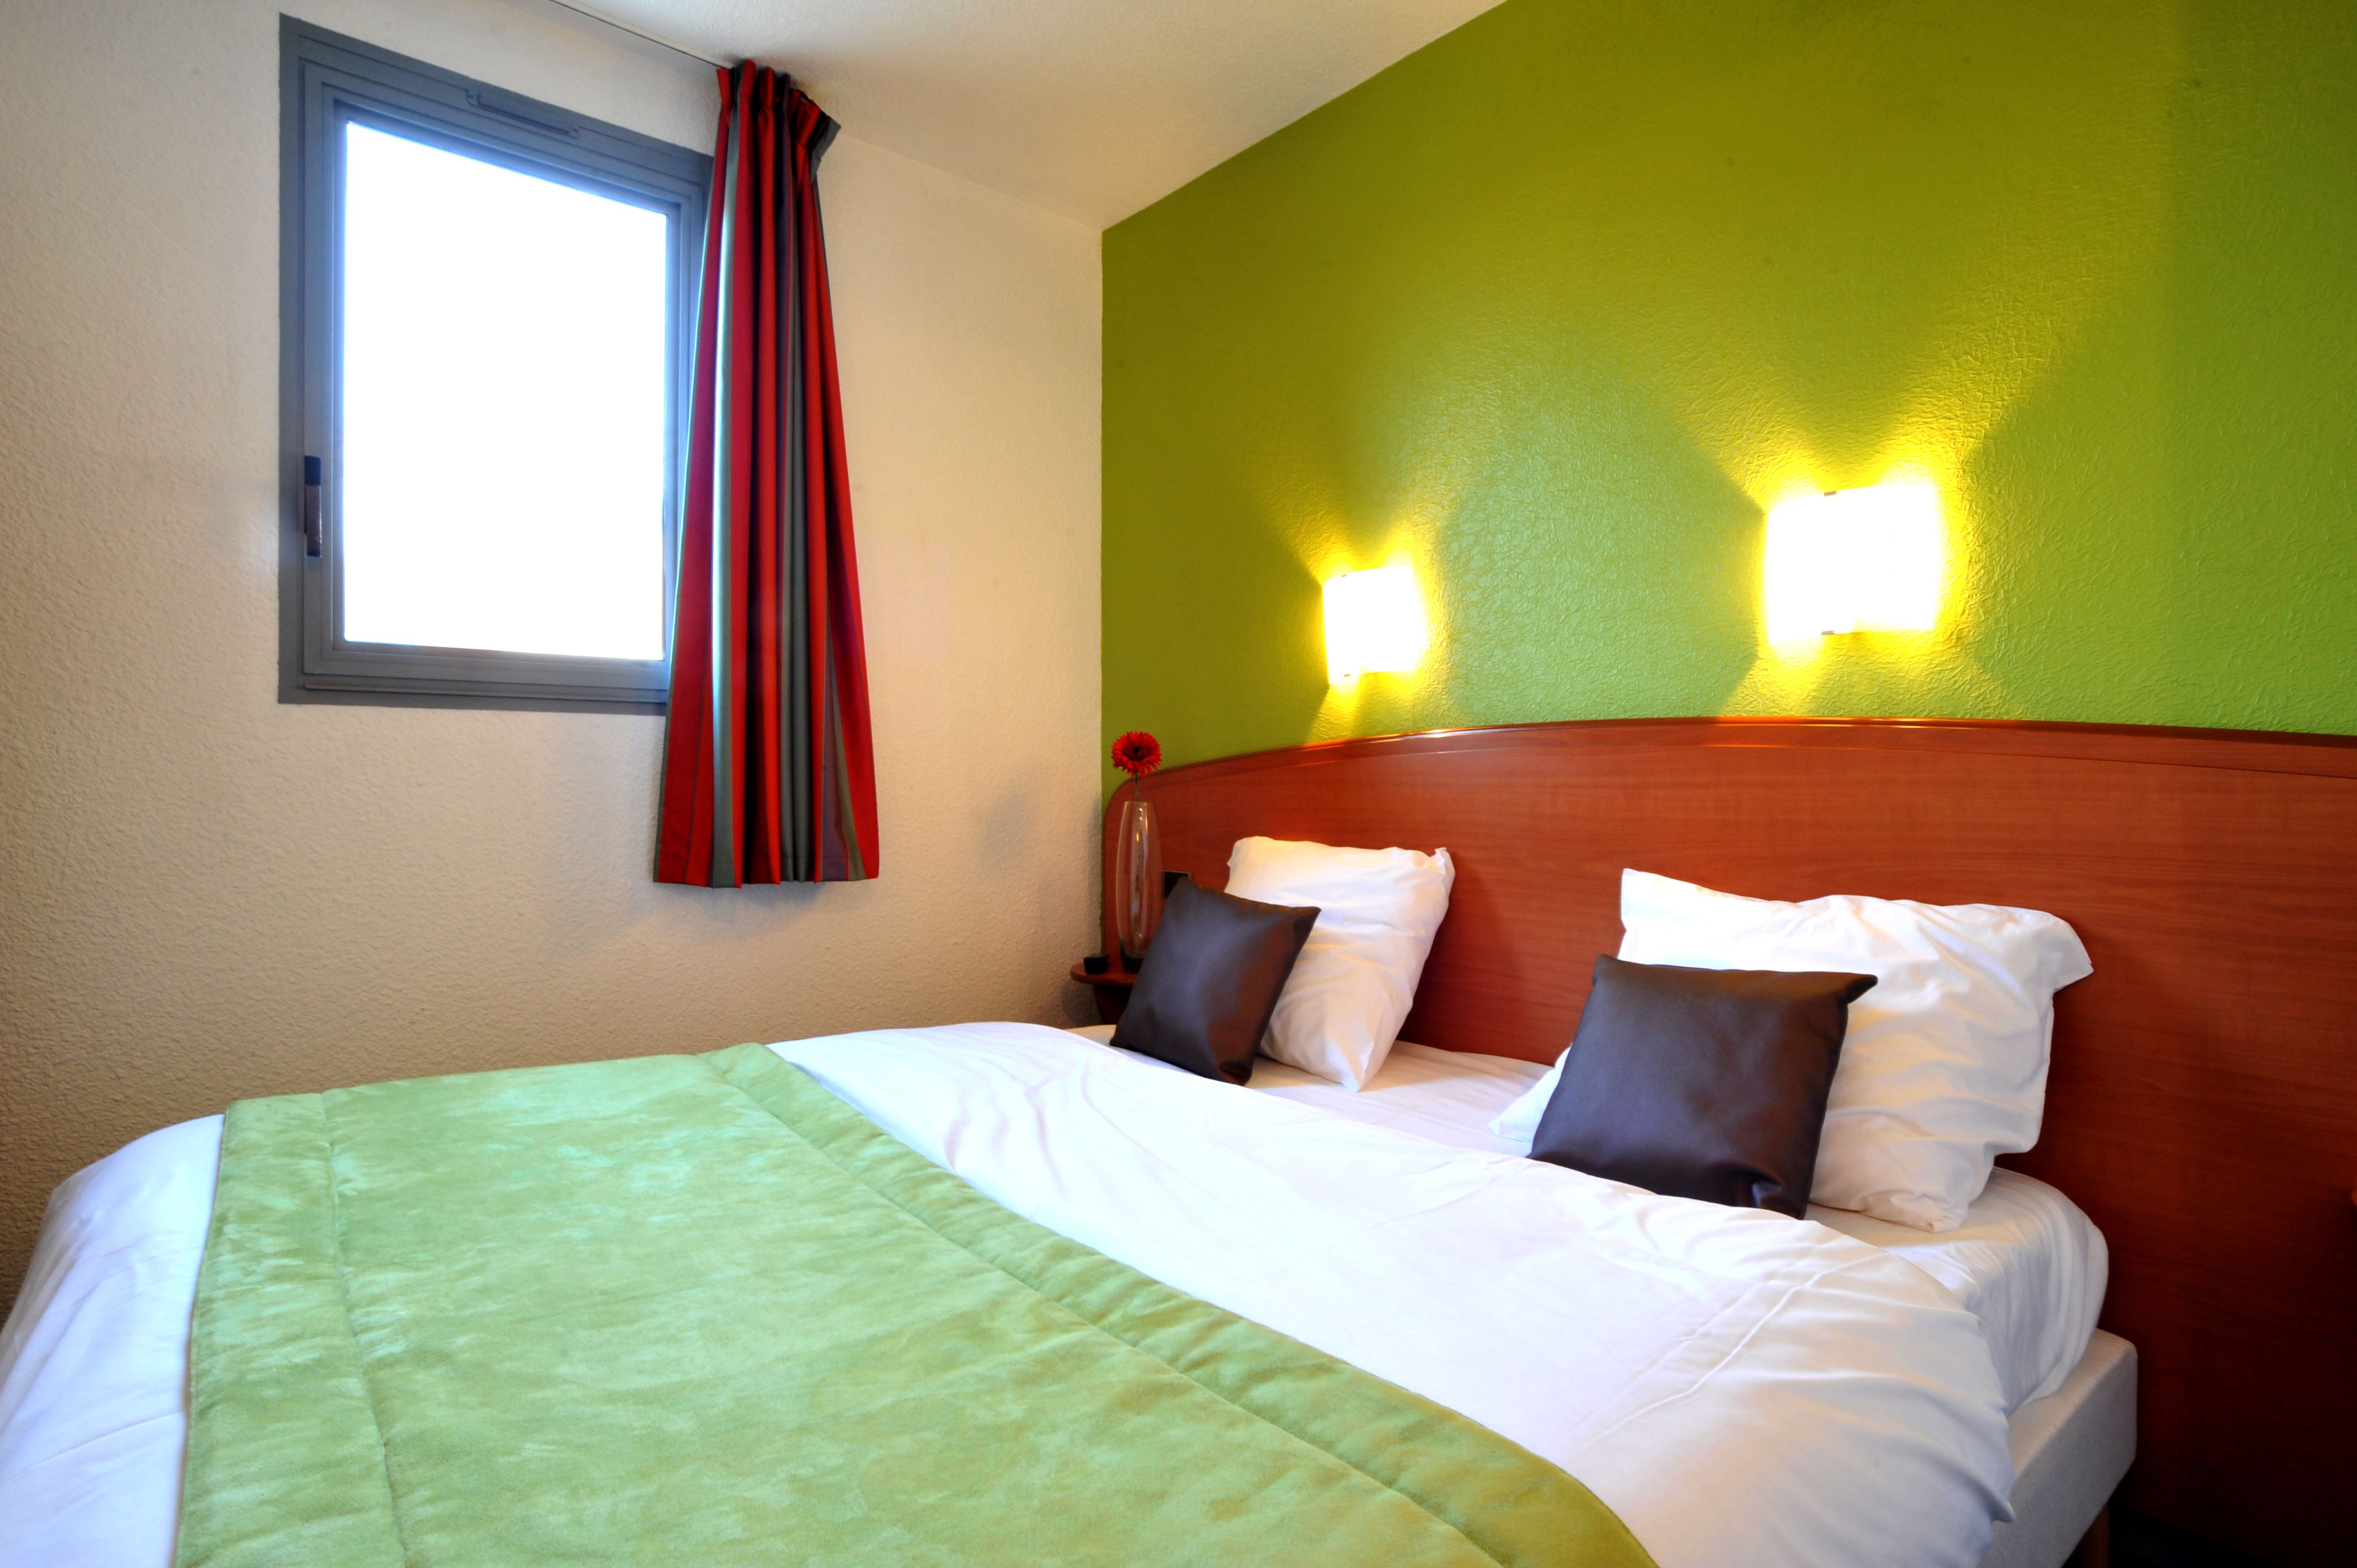 Hotel P'tit Dej Hôtel Nantes Est